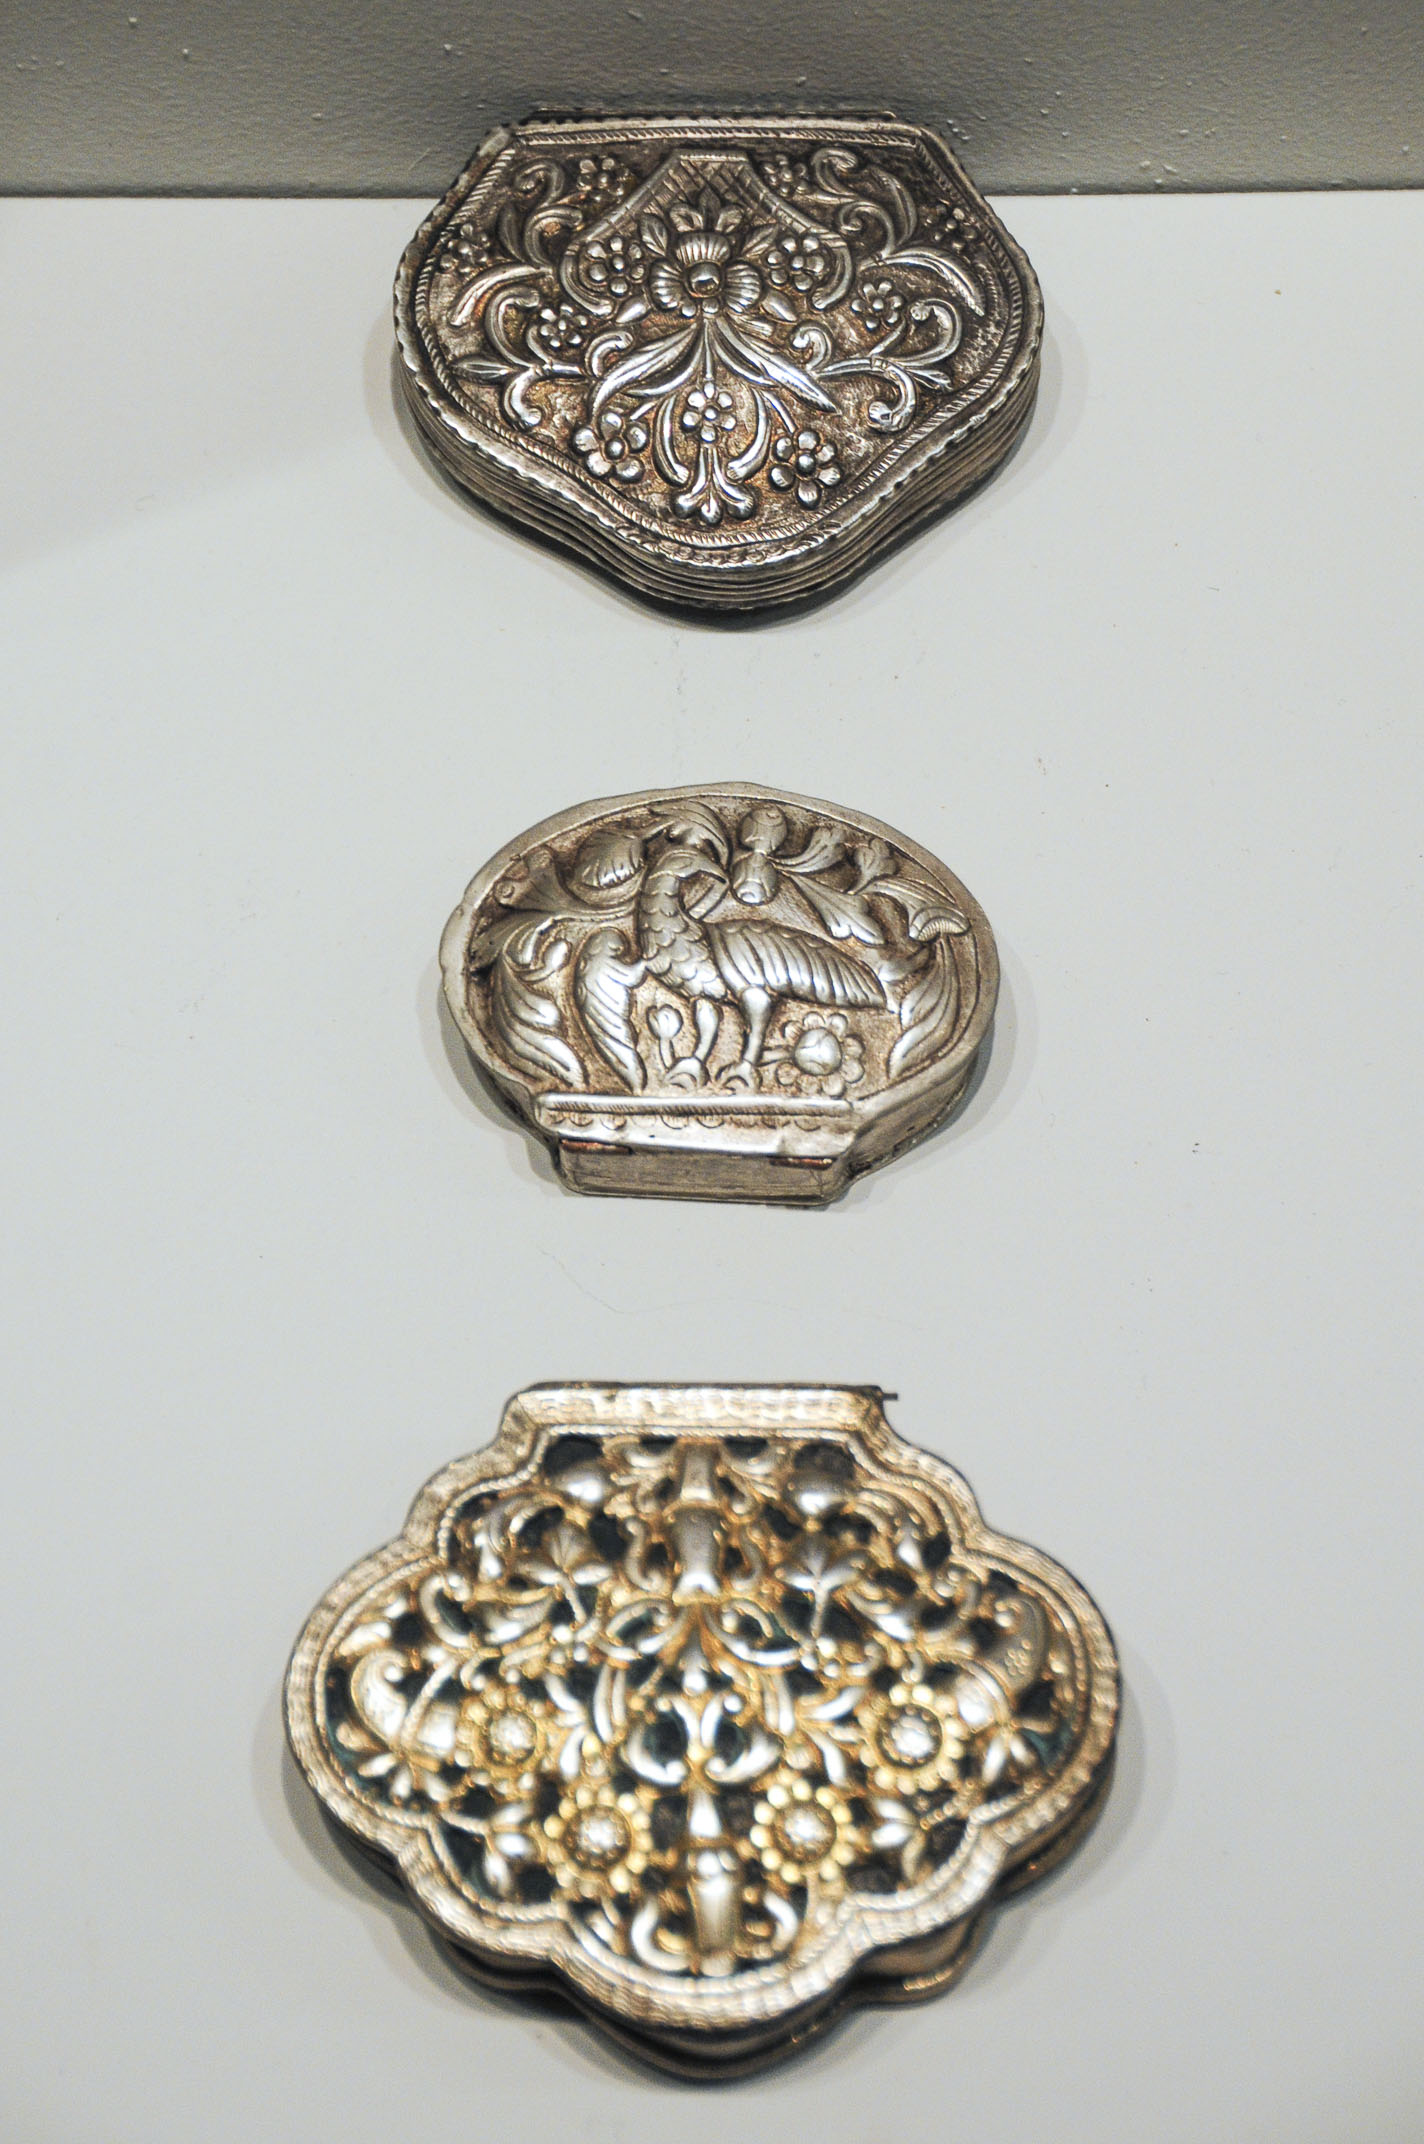 troyan-museum-bylgarsko-zlatarsko-izkustvo-13